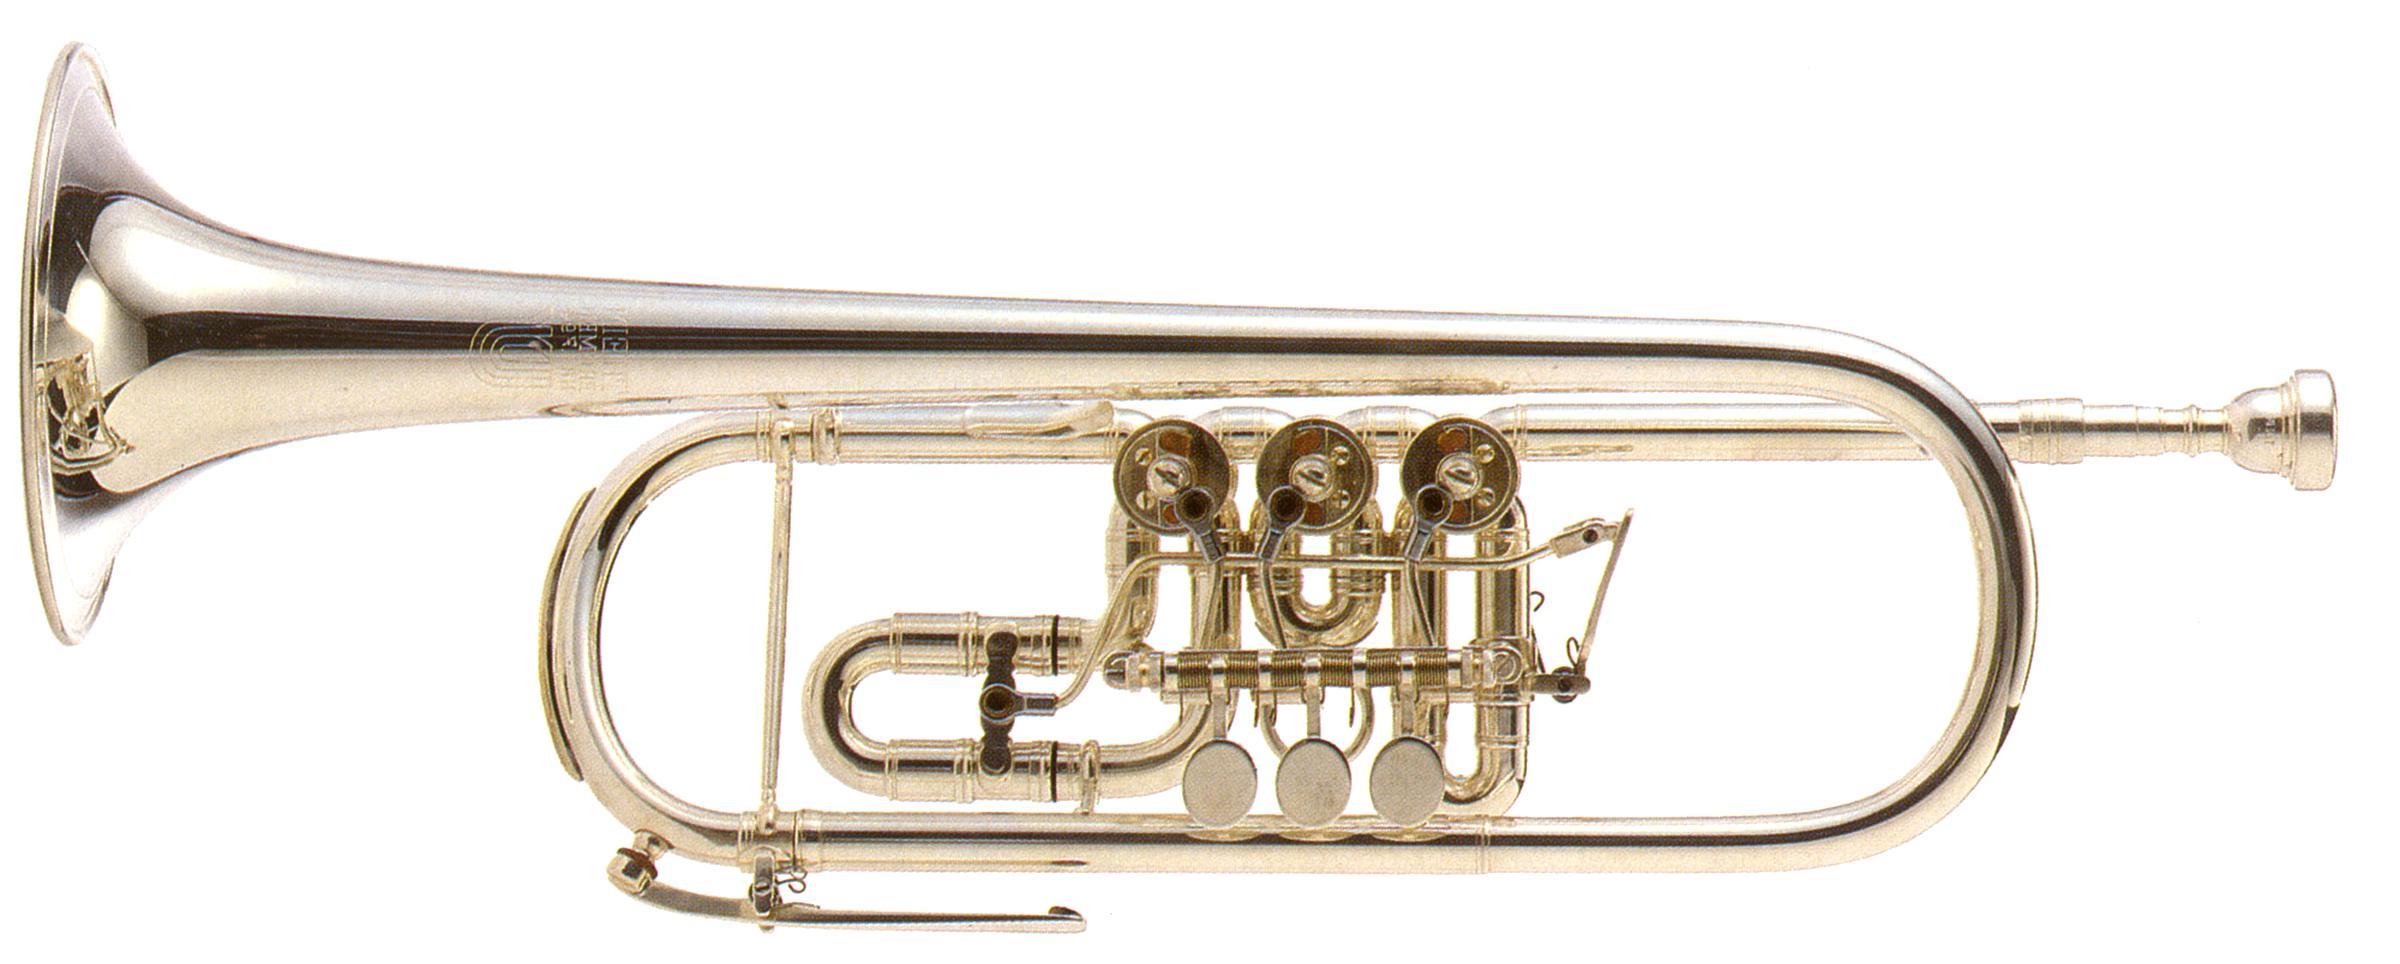 c trompete gebraucht kaufen